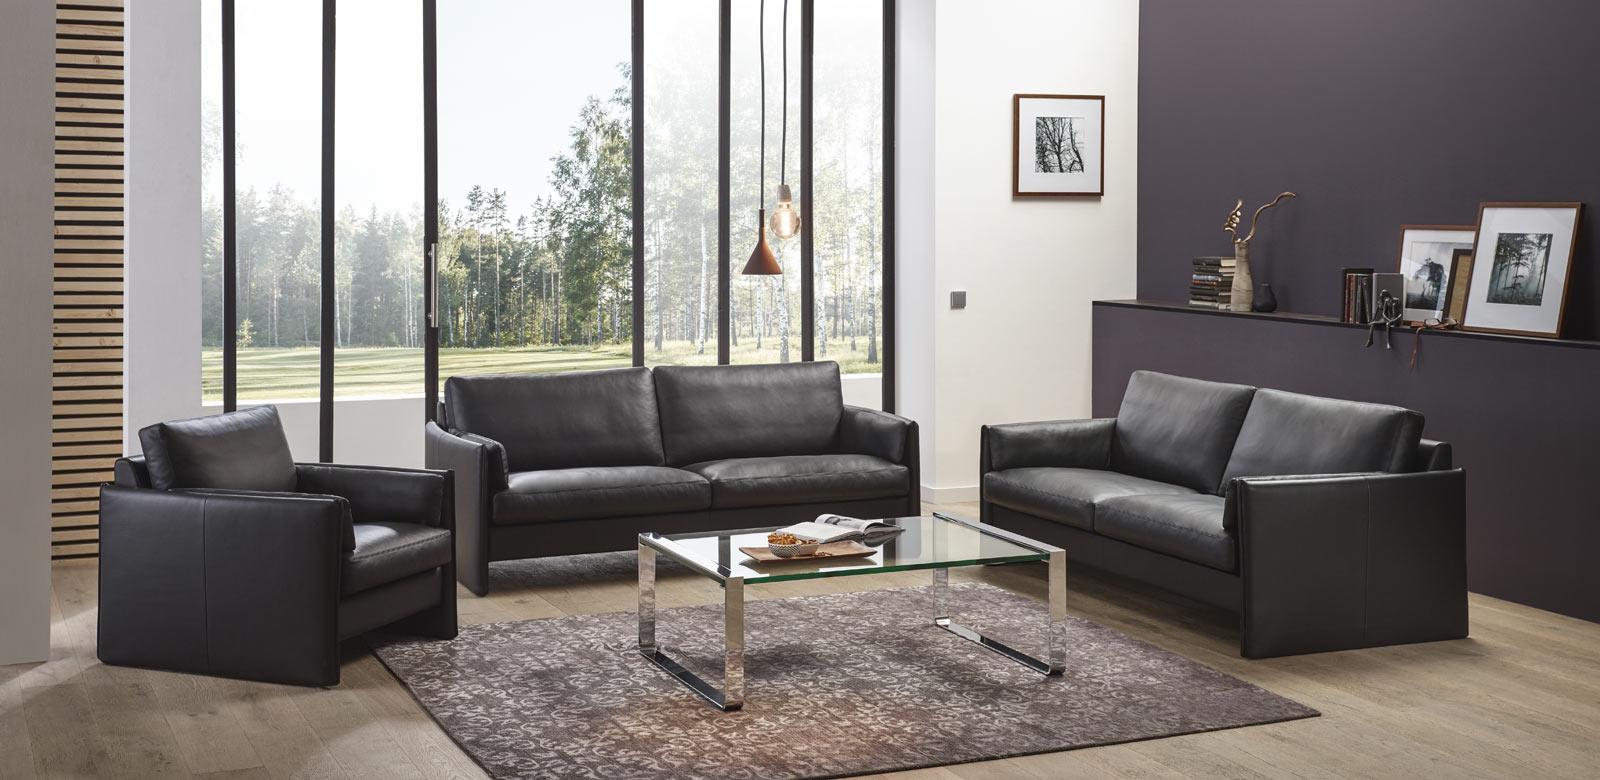 gro artiger stil edelcouch cl 810. Black Bedroom Furniture Sets. Home Design Ideas